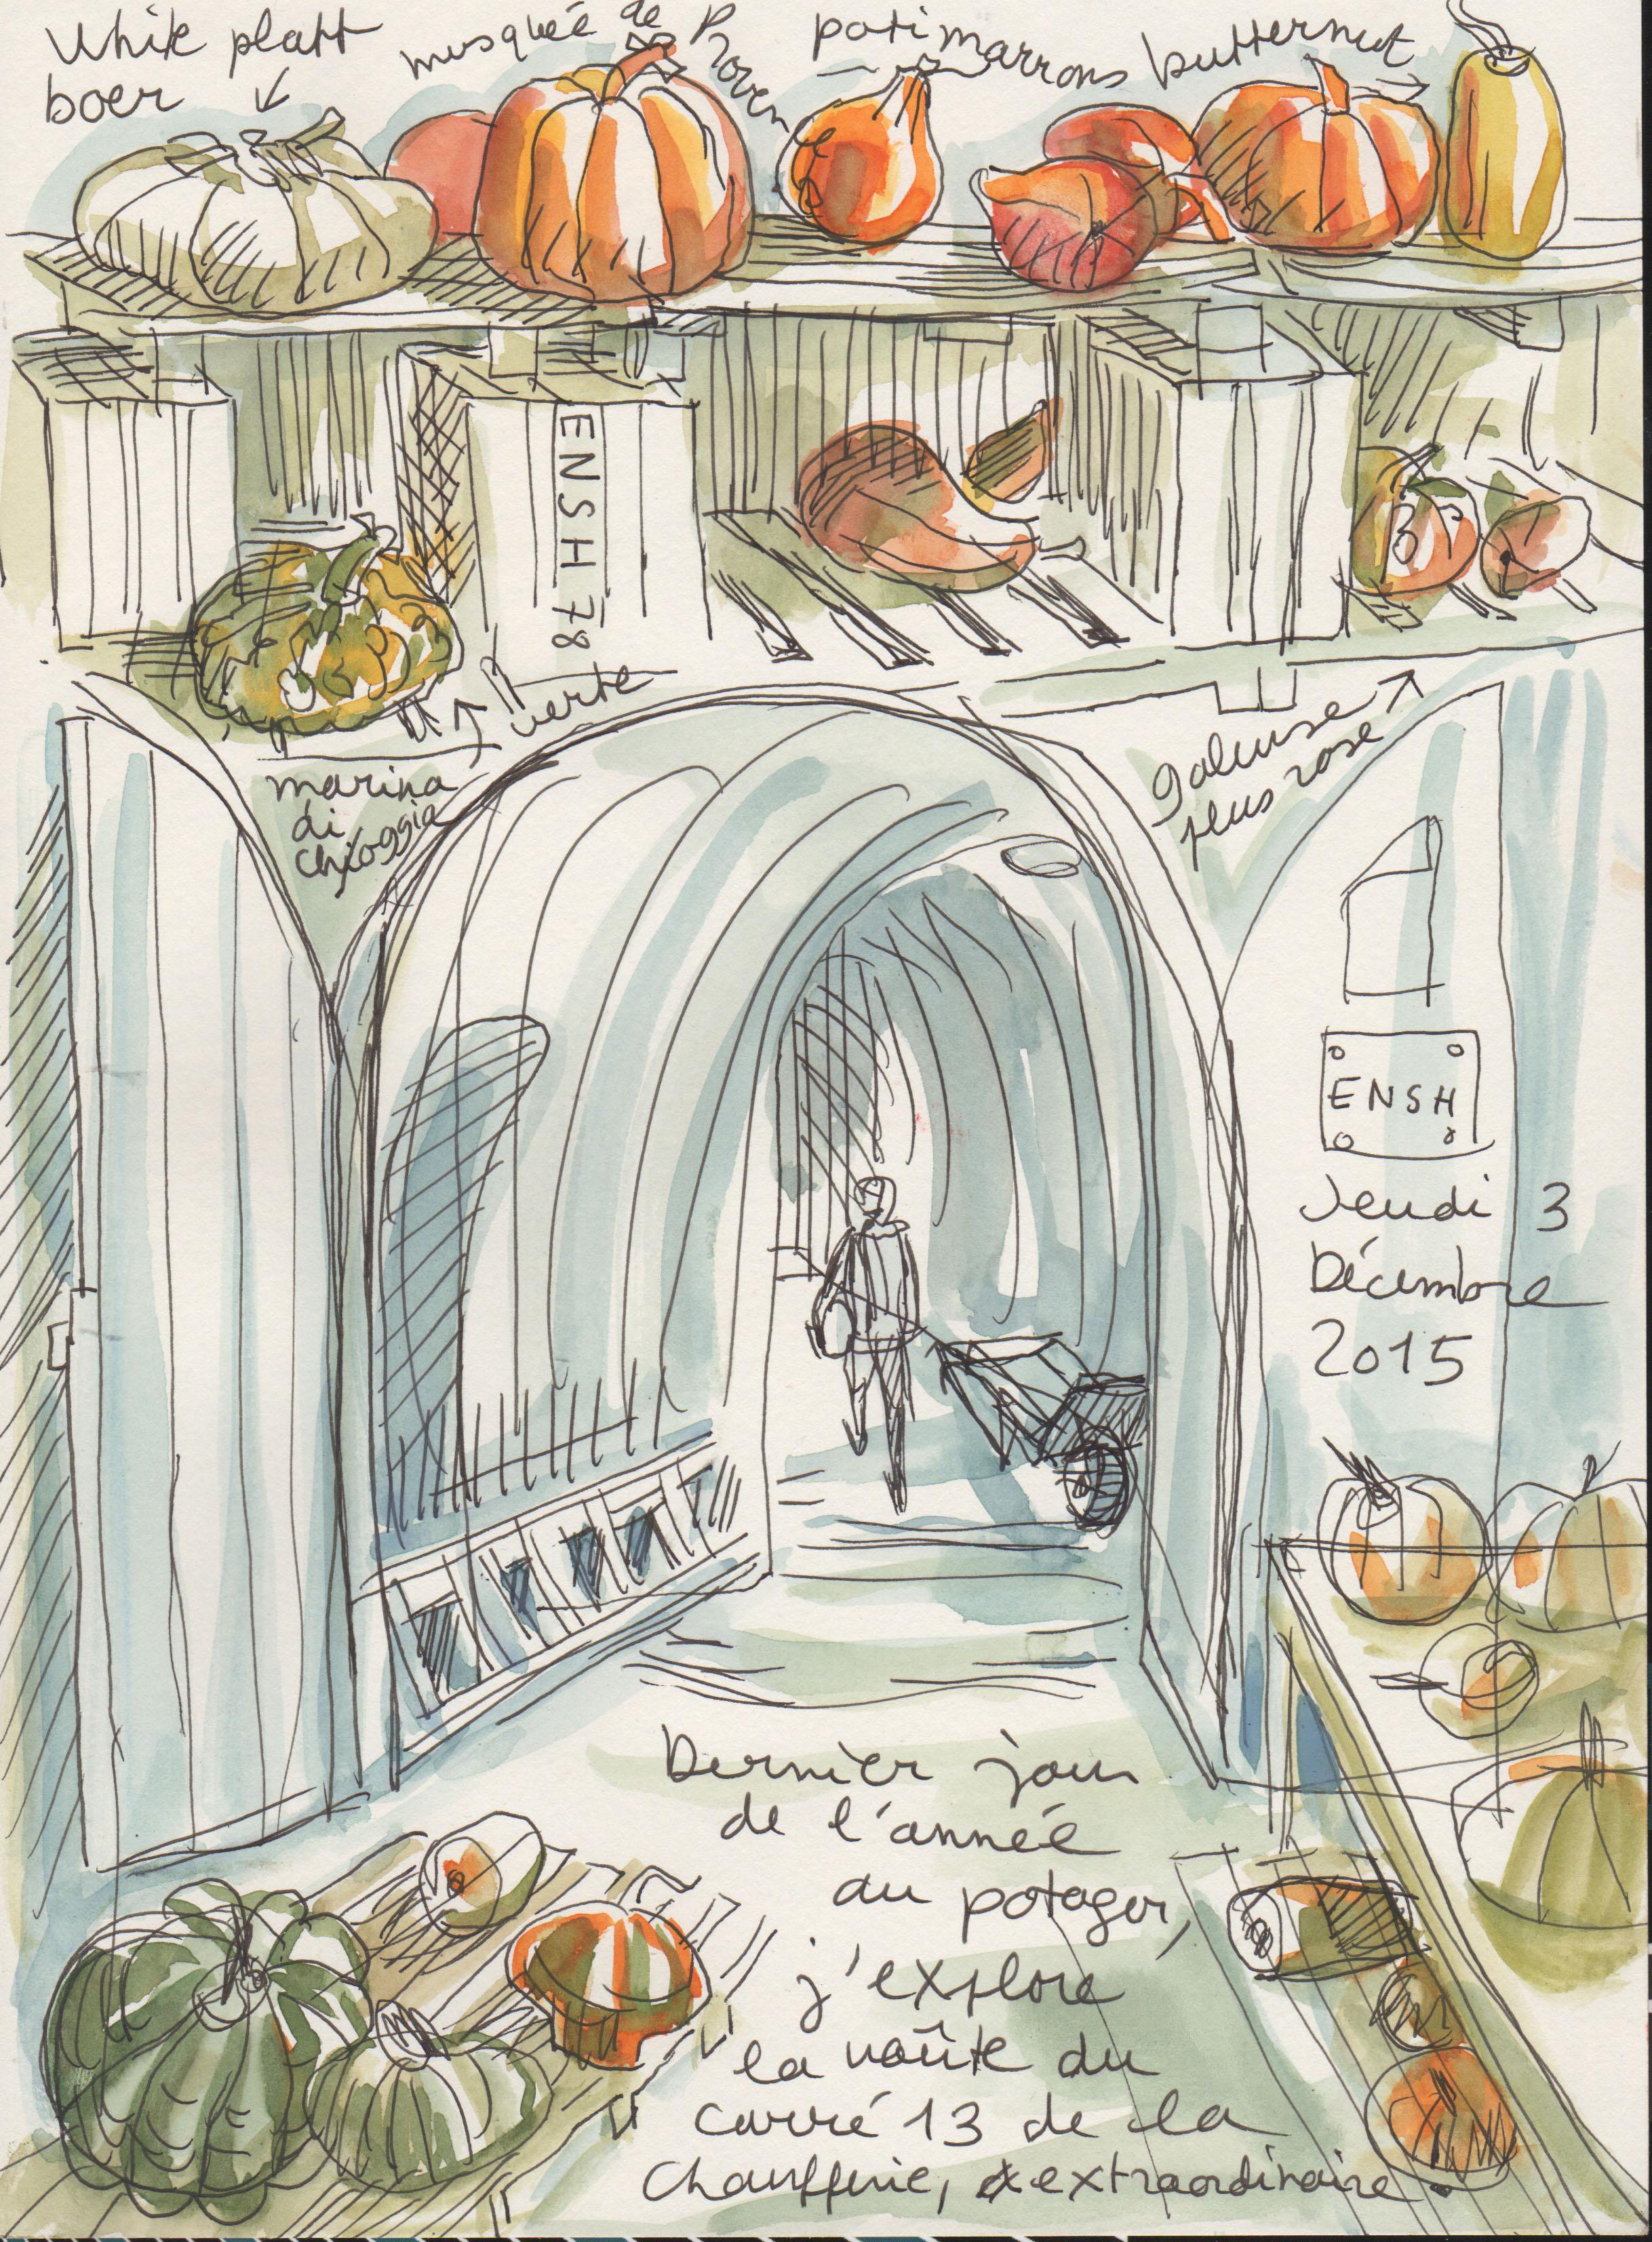 Potager du roi archives rapha le bernard bacot - Le potager du roi ...